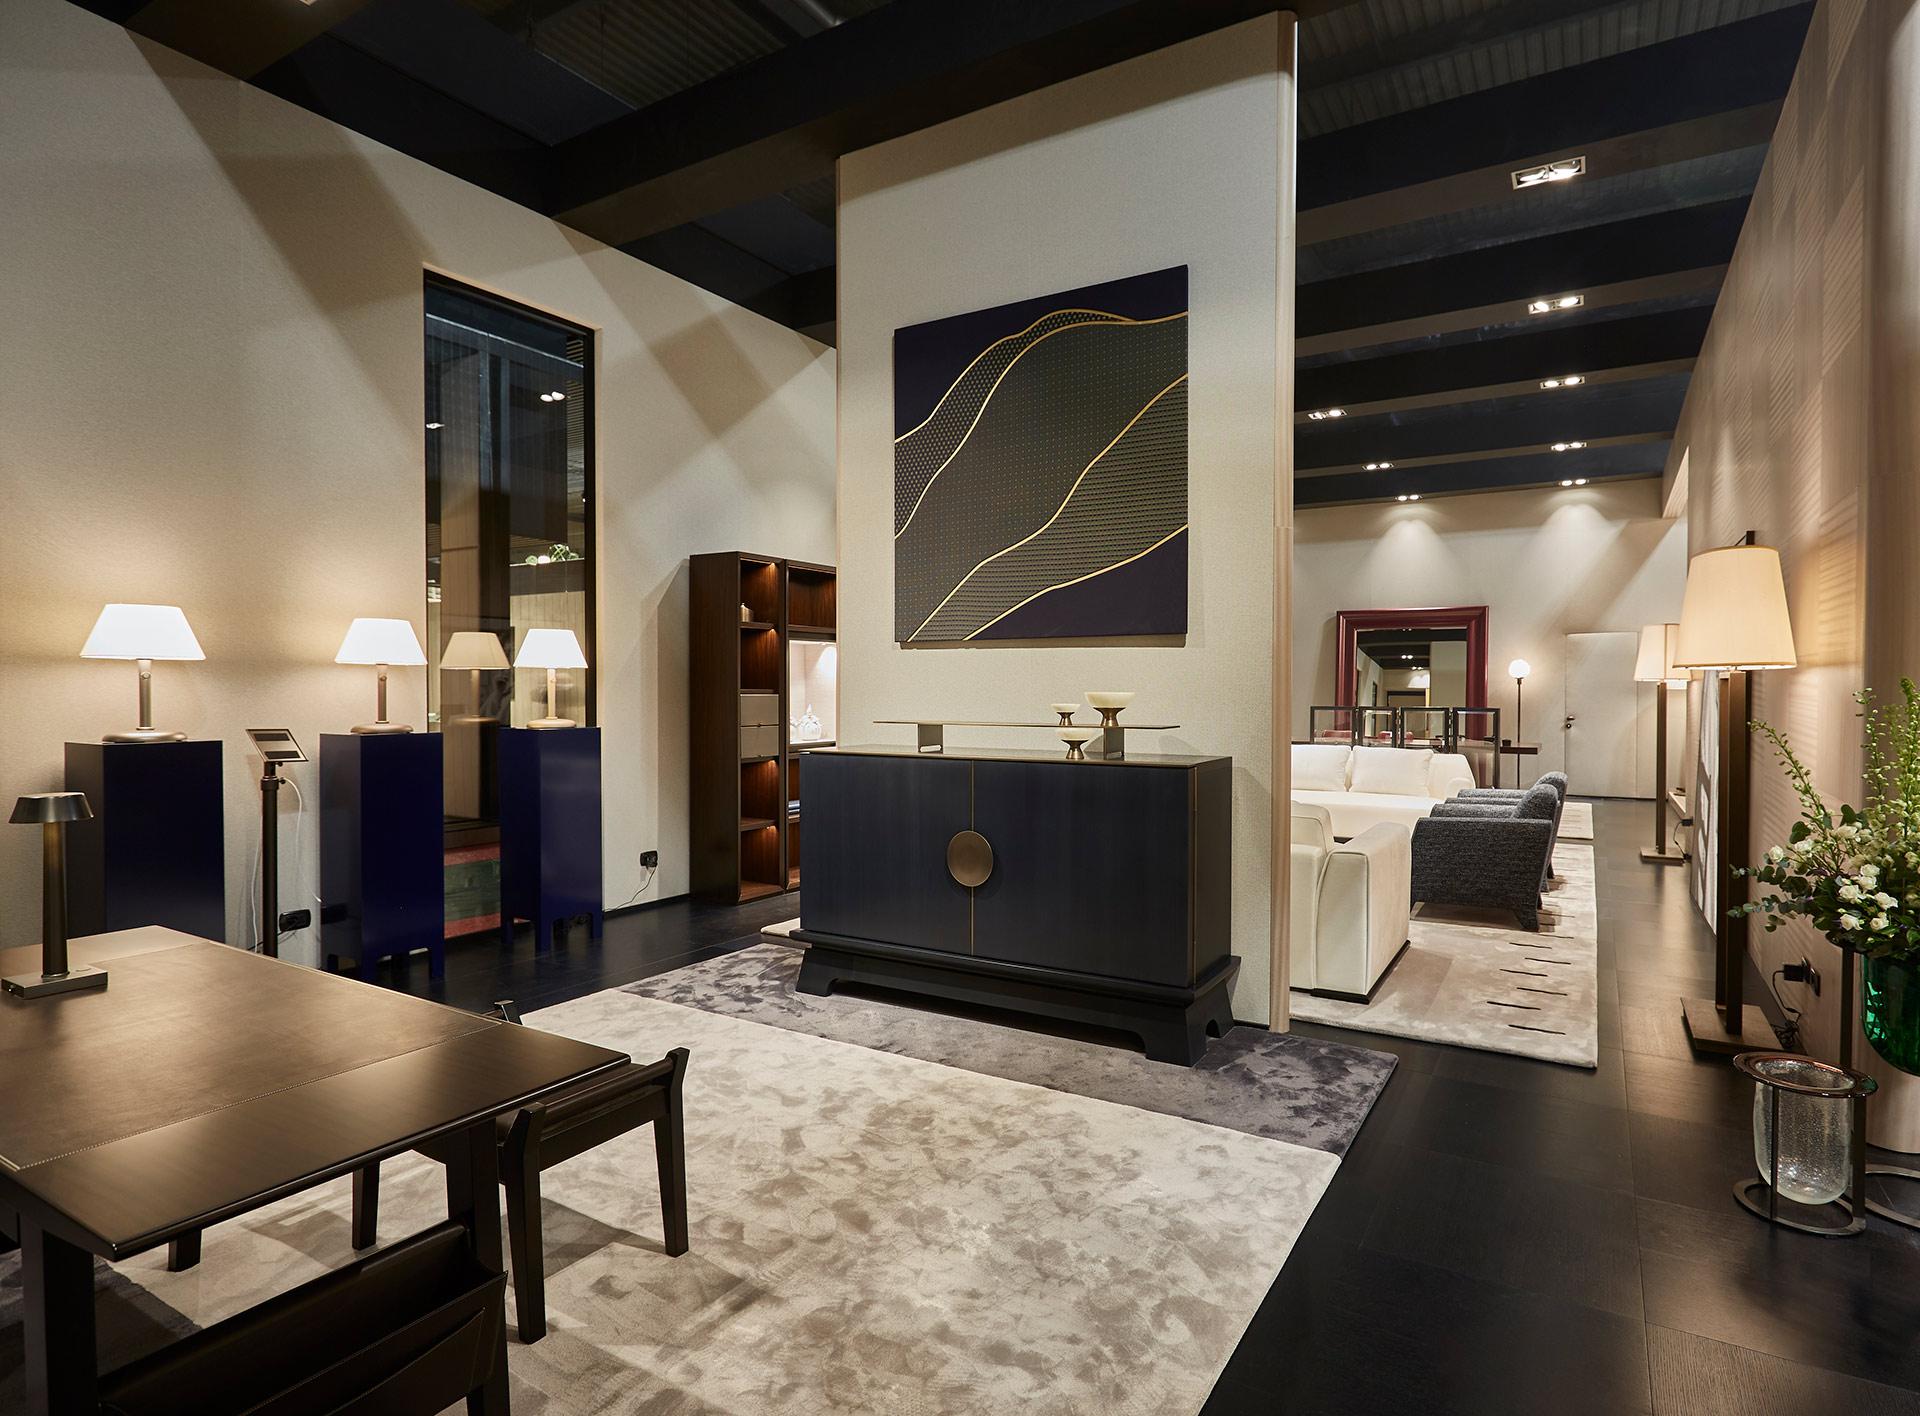 Promemoria salone del mobile milano 2018 for Sozzi arredamenti